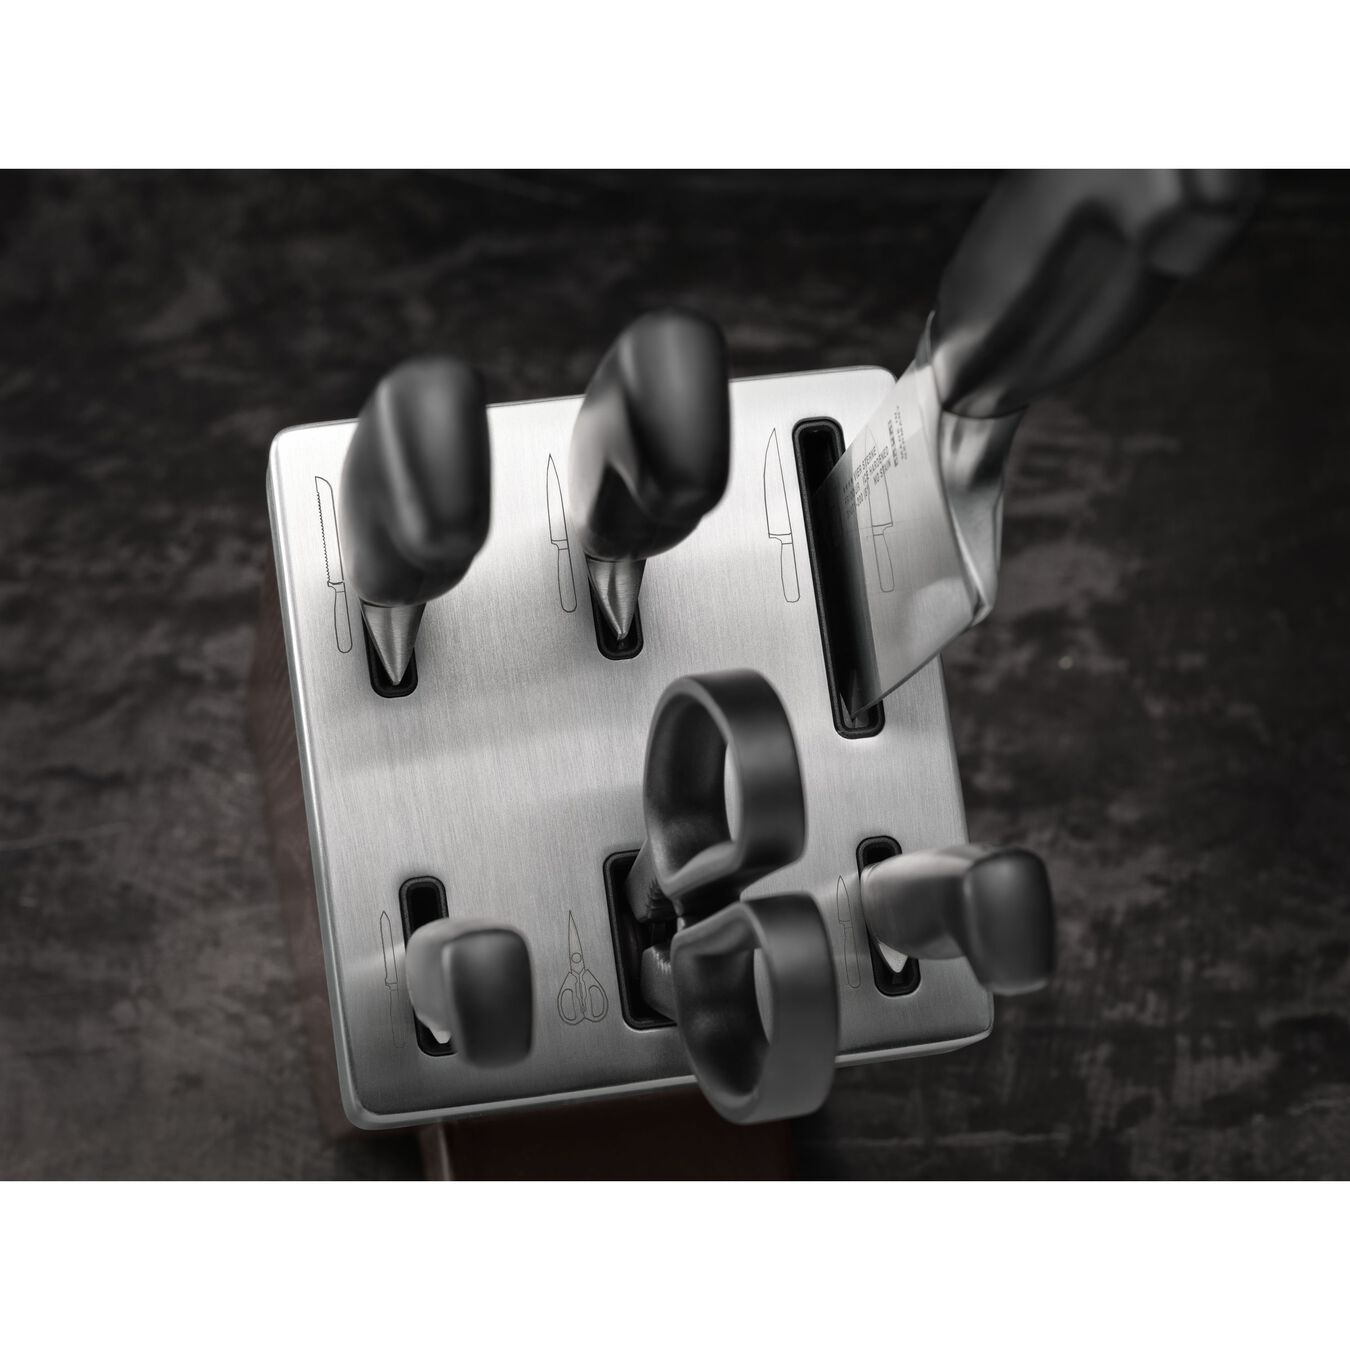 Bloc à couteaux avec technologie KiS, 7-pces, Frêne,,large 8